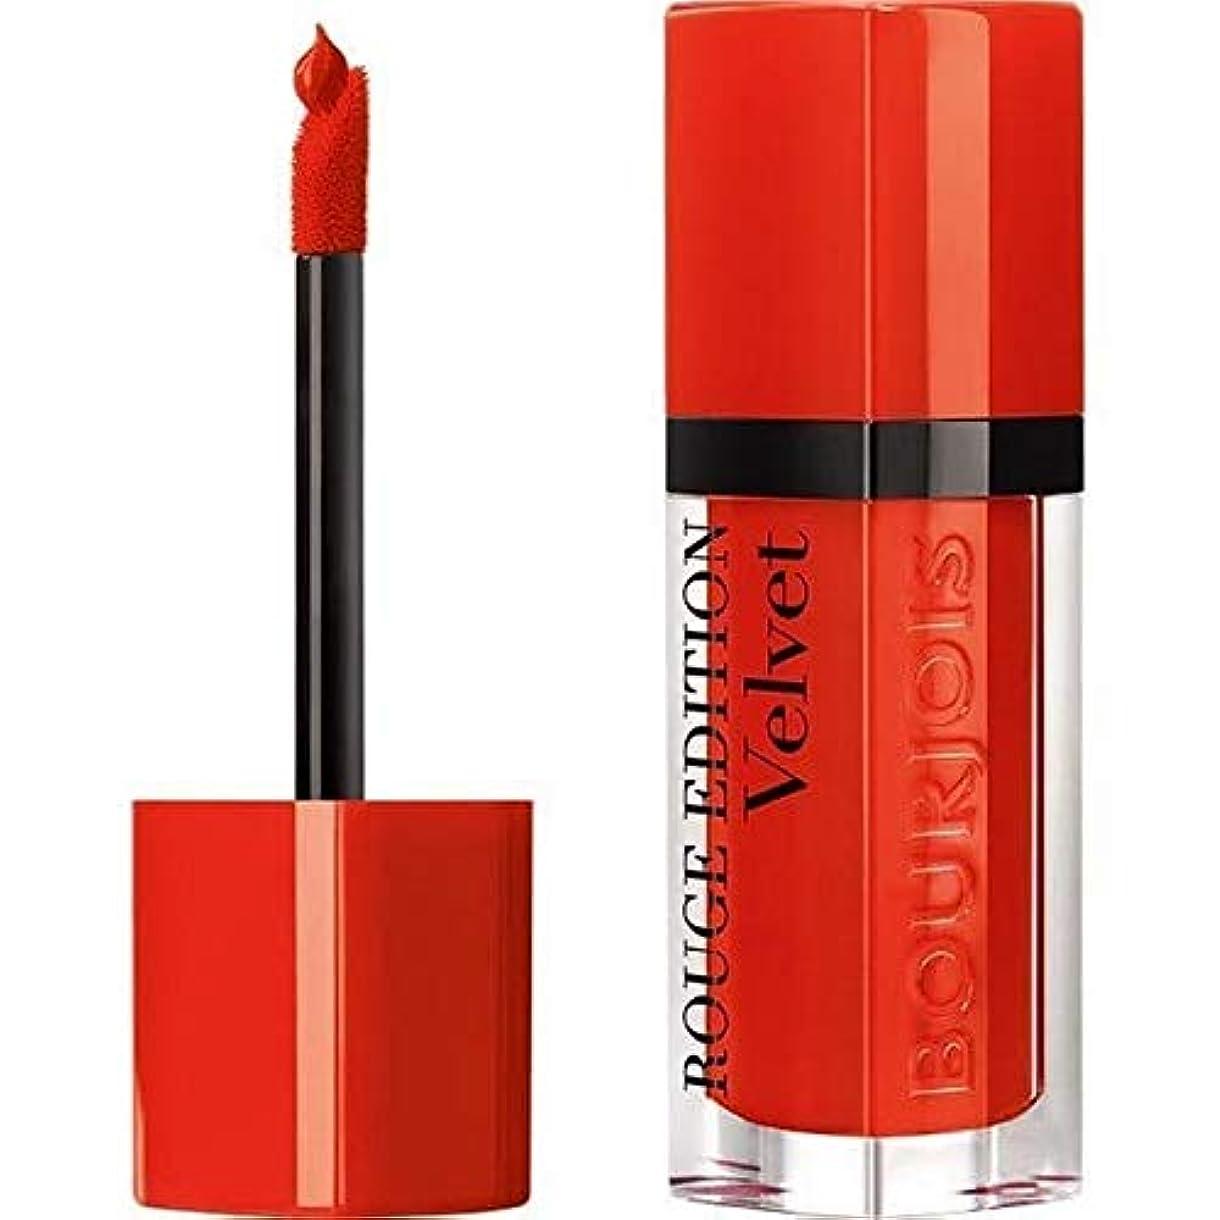 夜の動物園テクトニック確認[Bourjois ] ブルジョワルージュ版のベルベットの口紅ケシの日20 - Bourjois Rouge Edition Velvet Lipstick Poppy Days 20 [並行輸入品]